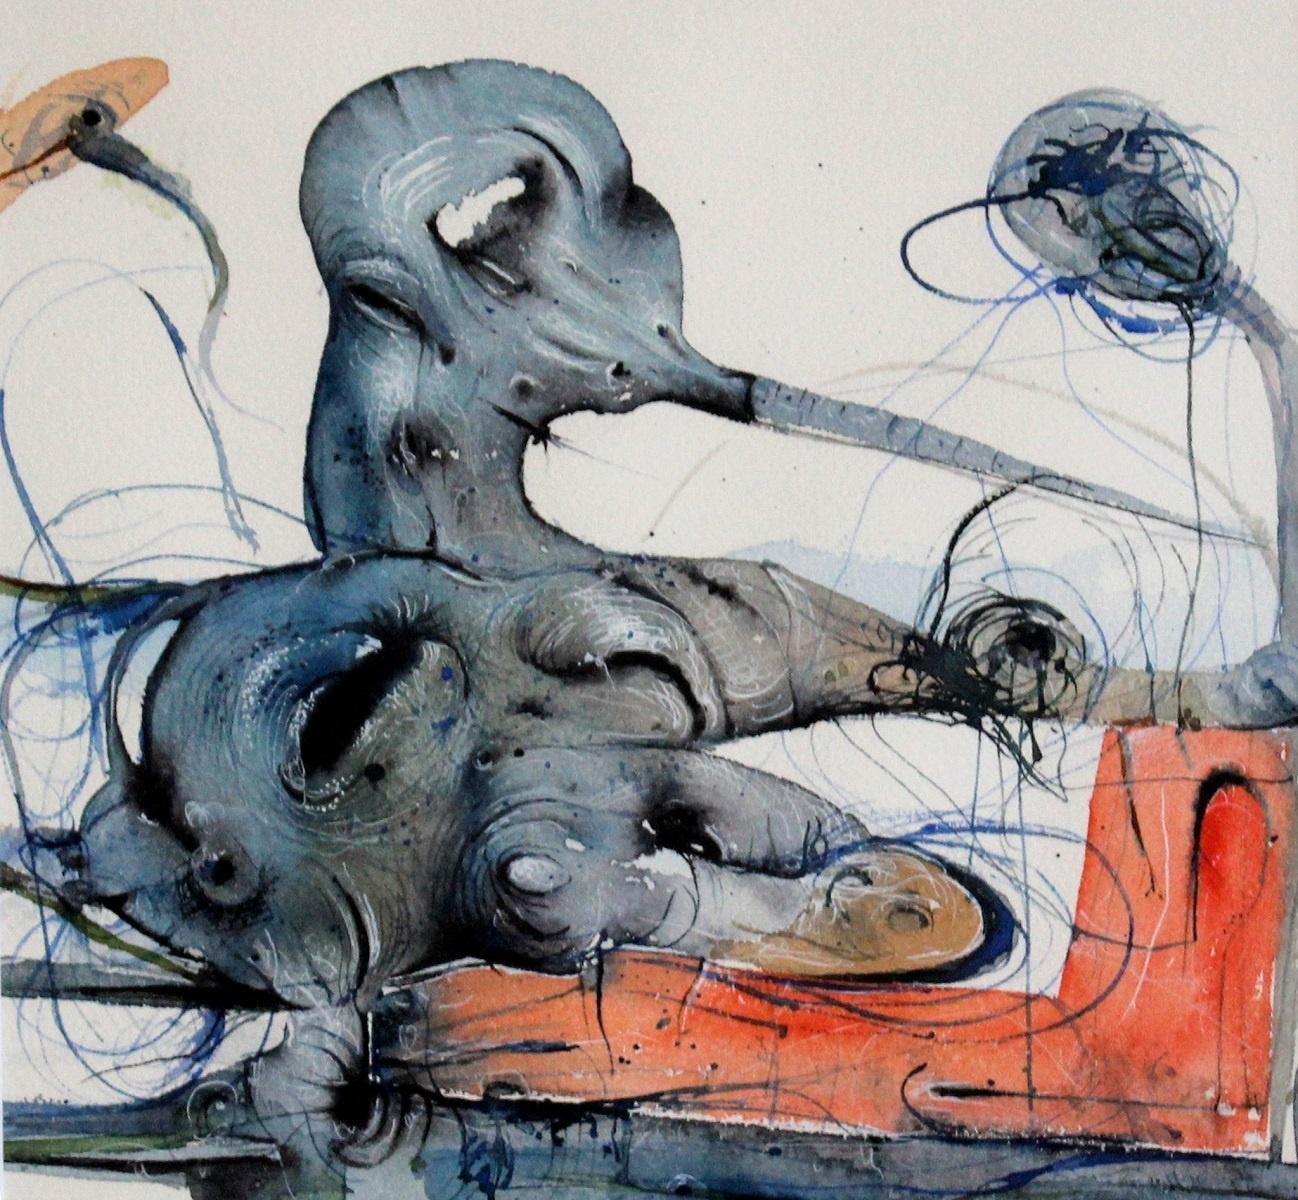 Composition (Watercolour) - Contemporary surrealist artist, XXIc, Vibrant colors